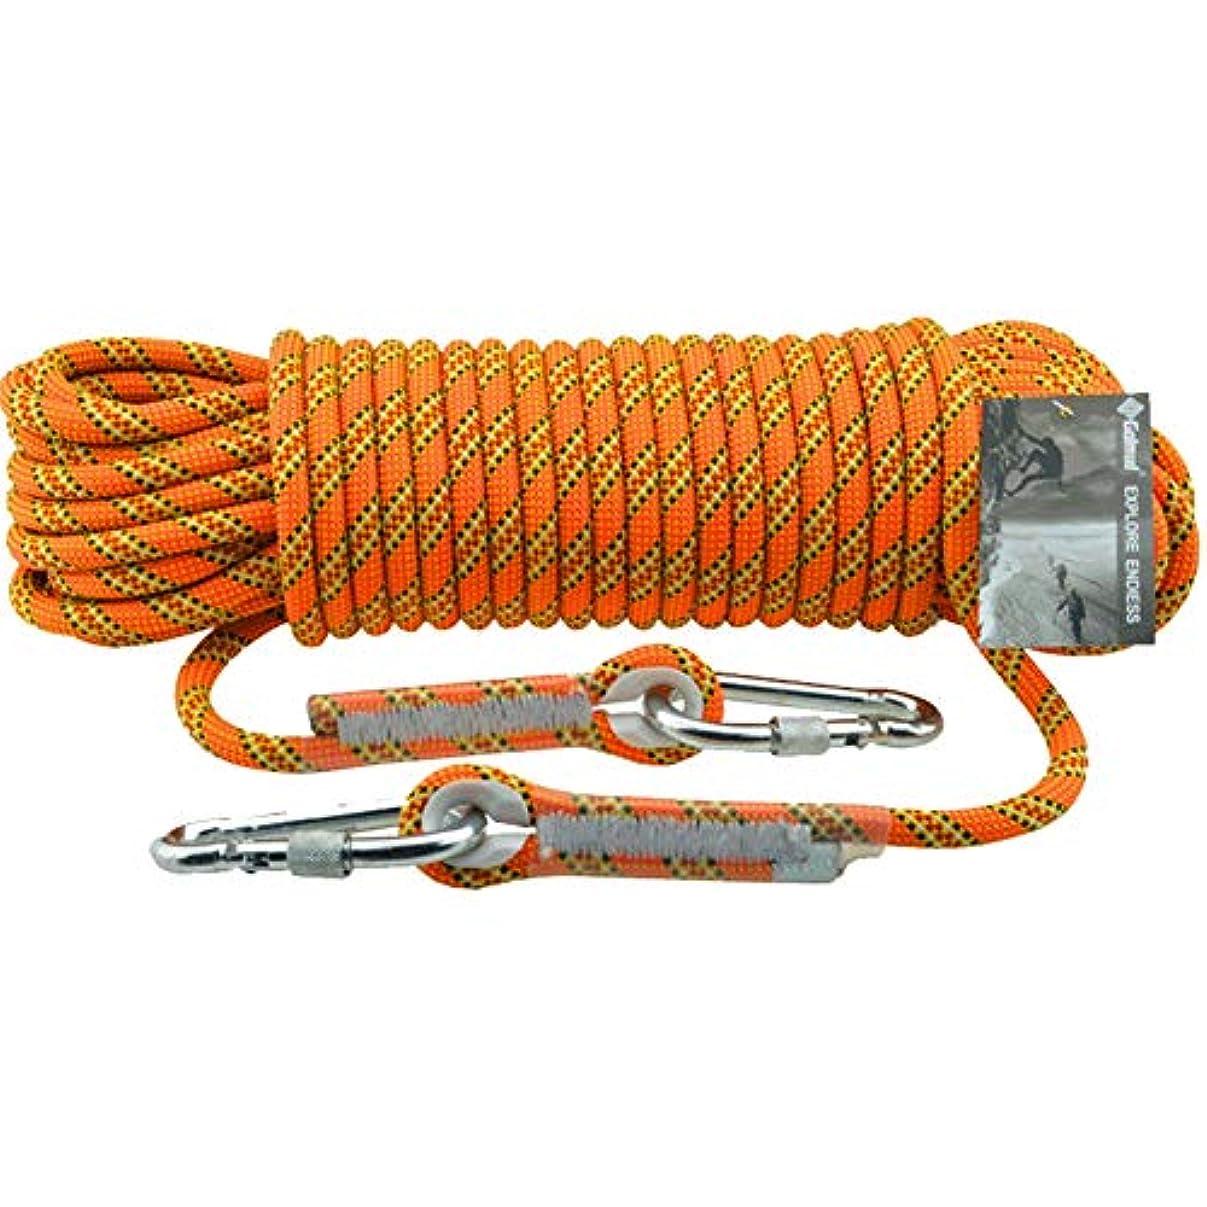 オートメーション家突然屋外ロッククライミングロープ - 11 mmハイキングパワーロープ高強度火災エスケープ安全コードパラシュートラペリングロープ,Orange,10m